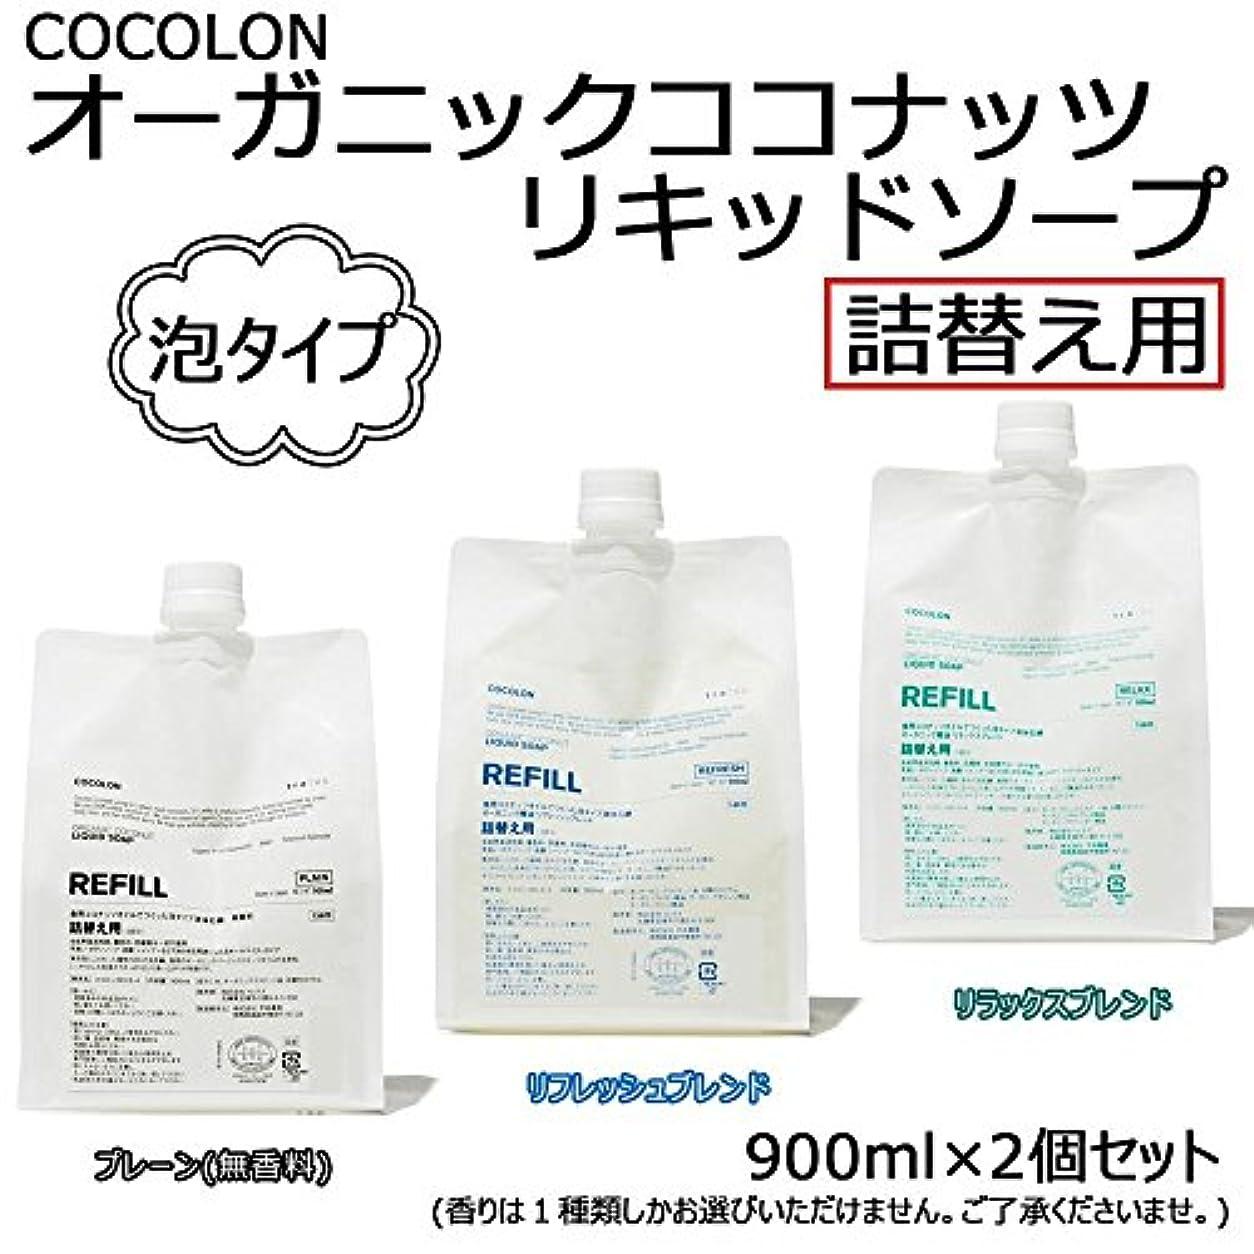 闇極地軍団COCOLON ココロン オーガニックココナッツリキッドソープ 泡タイプ 詰替え用 900ml 2個セット【同梱?代引不可】 ■3種類の内「リラックスブレンド」のみです